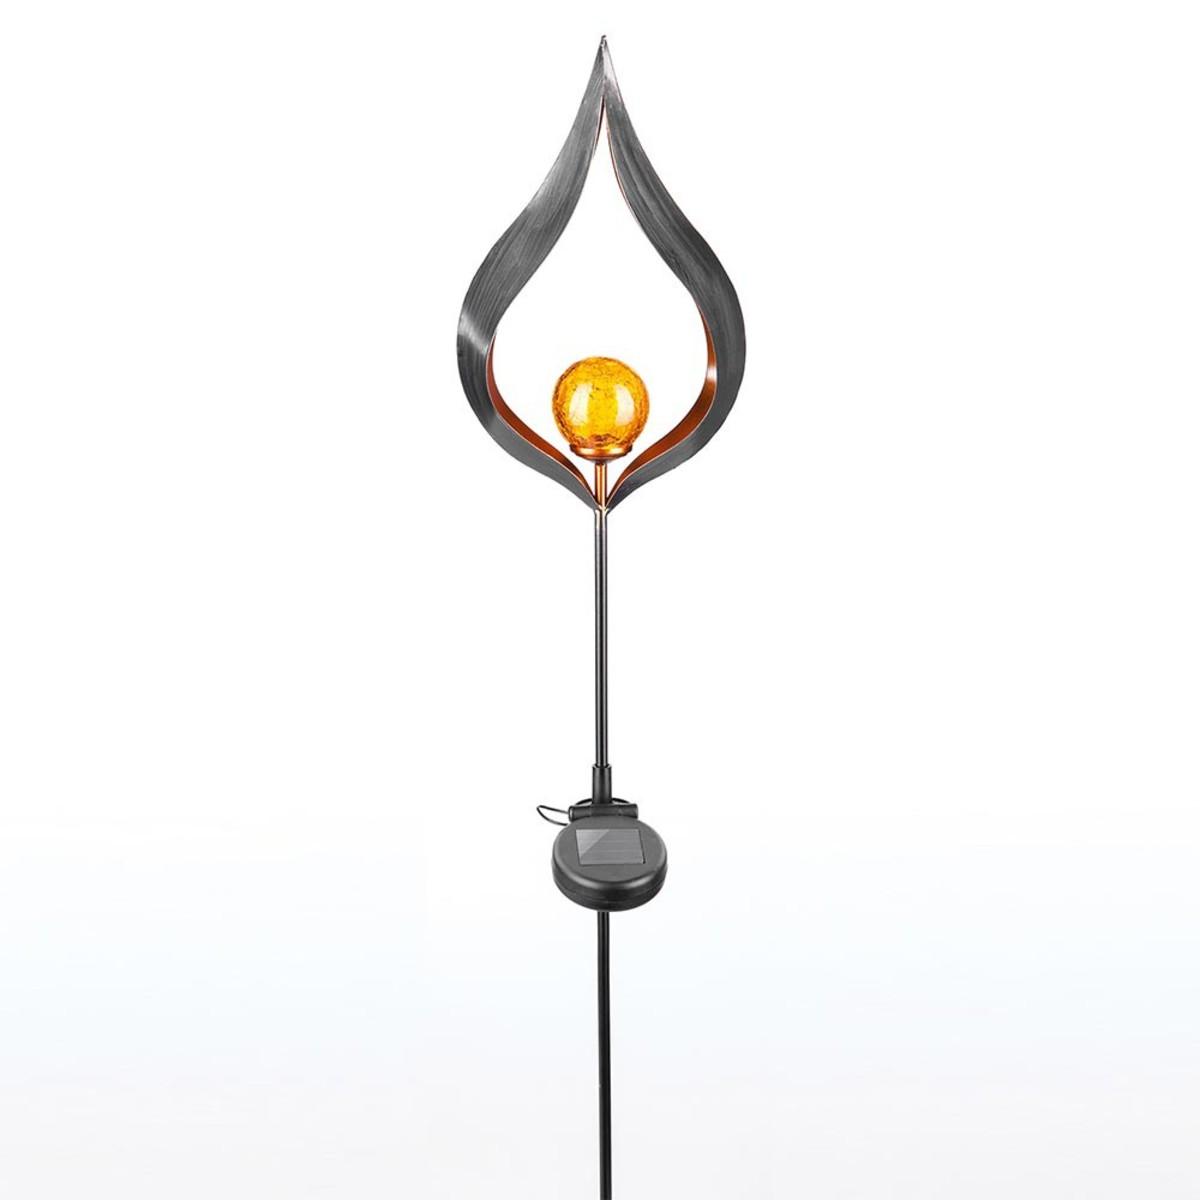 Bild 1 von I-Glow LED Solar-Vintage Gartenleuchte, Kerze